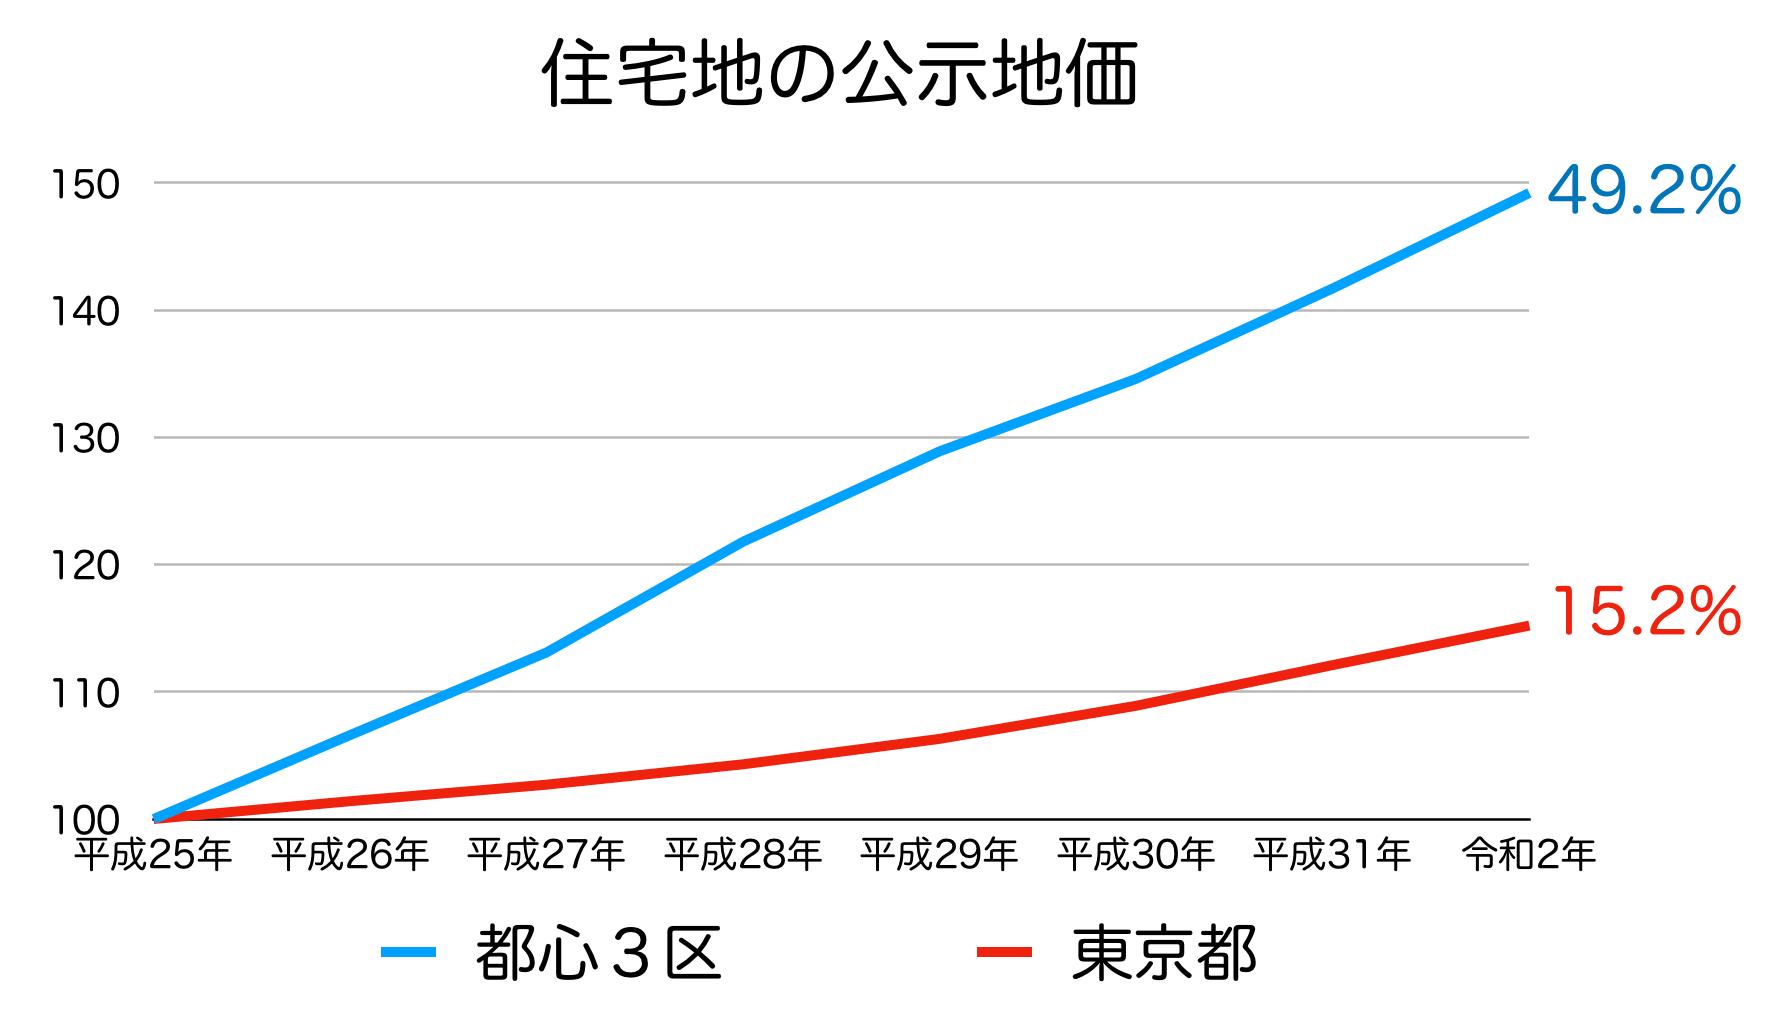 都内3区の土地価格の推移